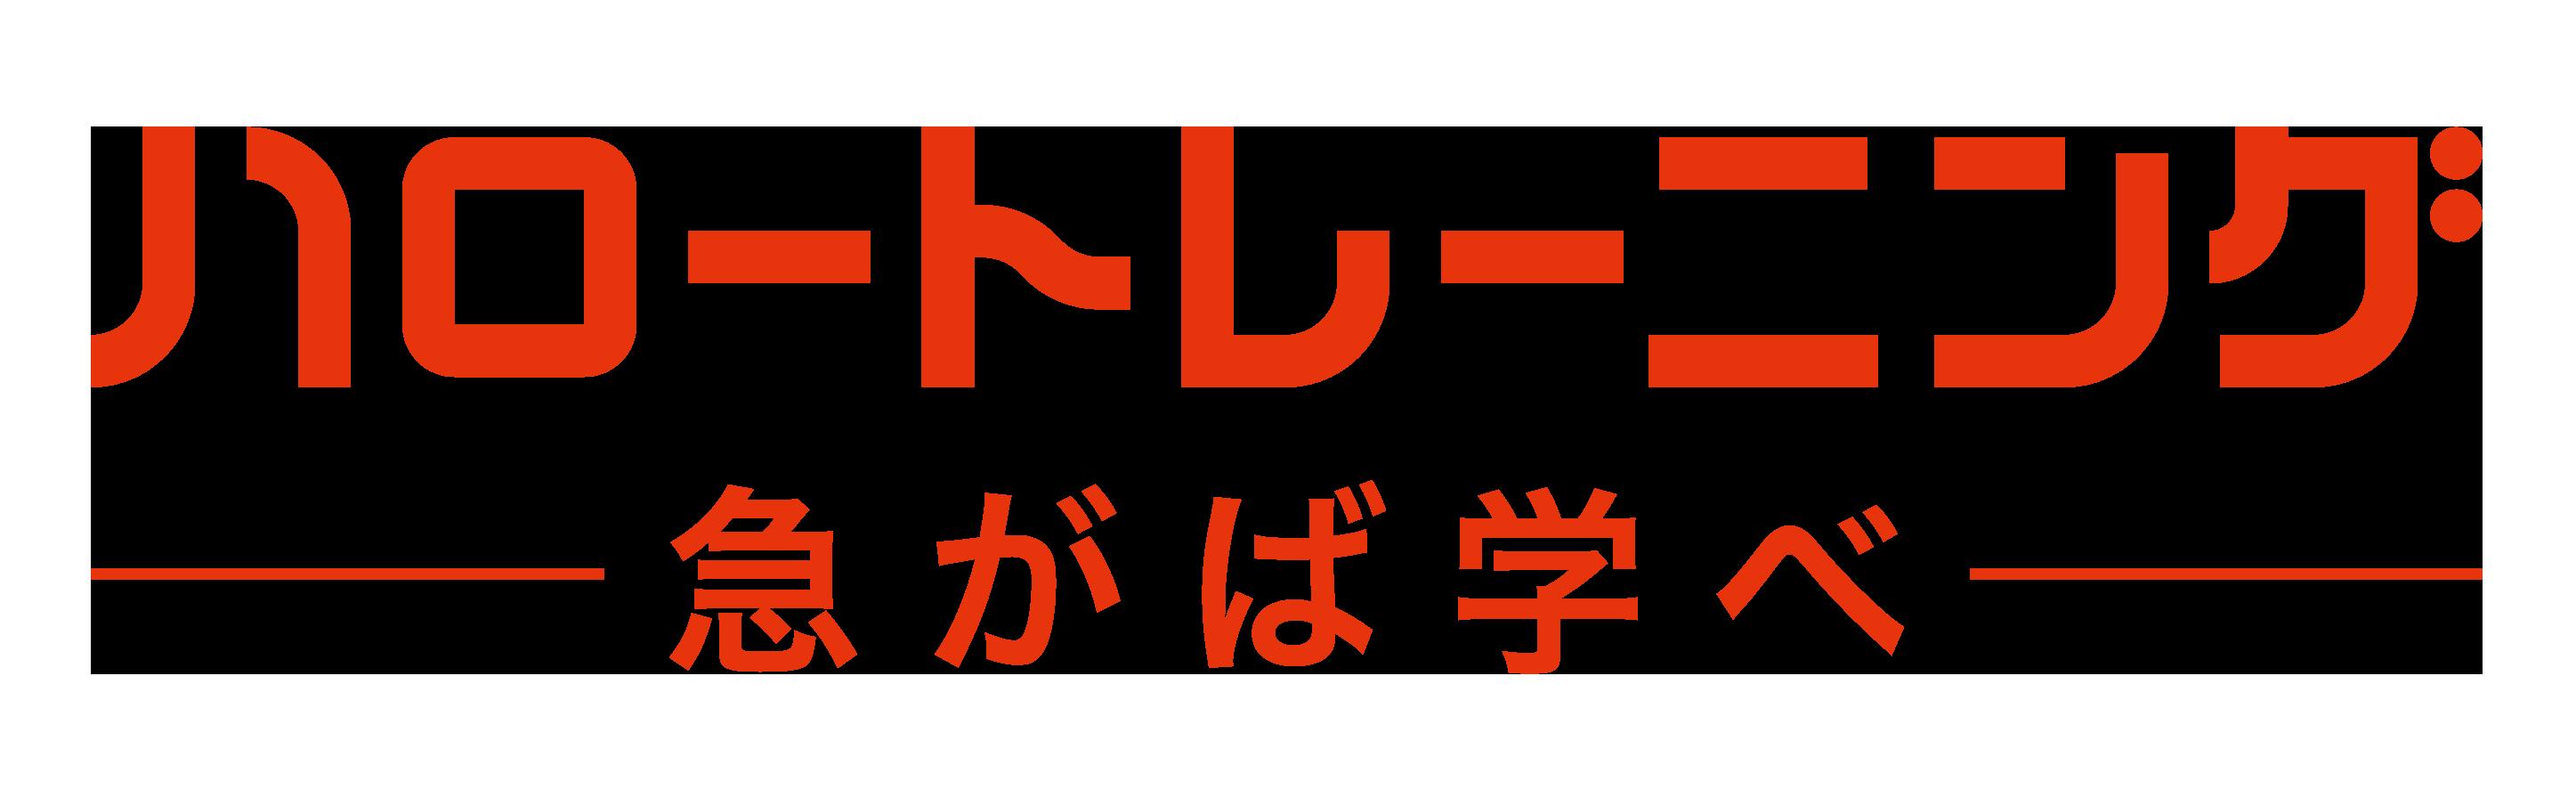 埼玉県立職業能力開発センター一般職業訓練